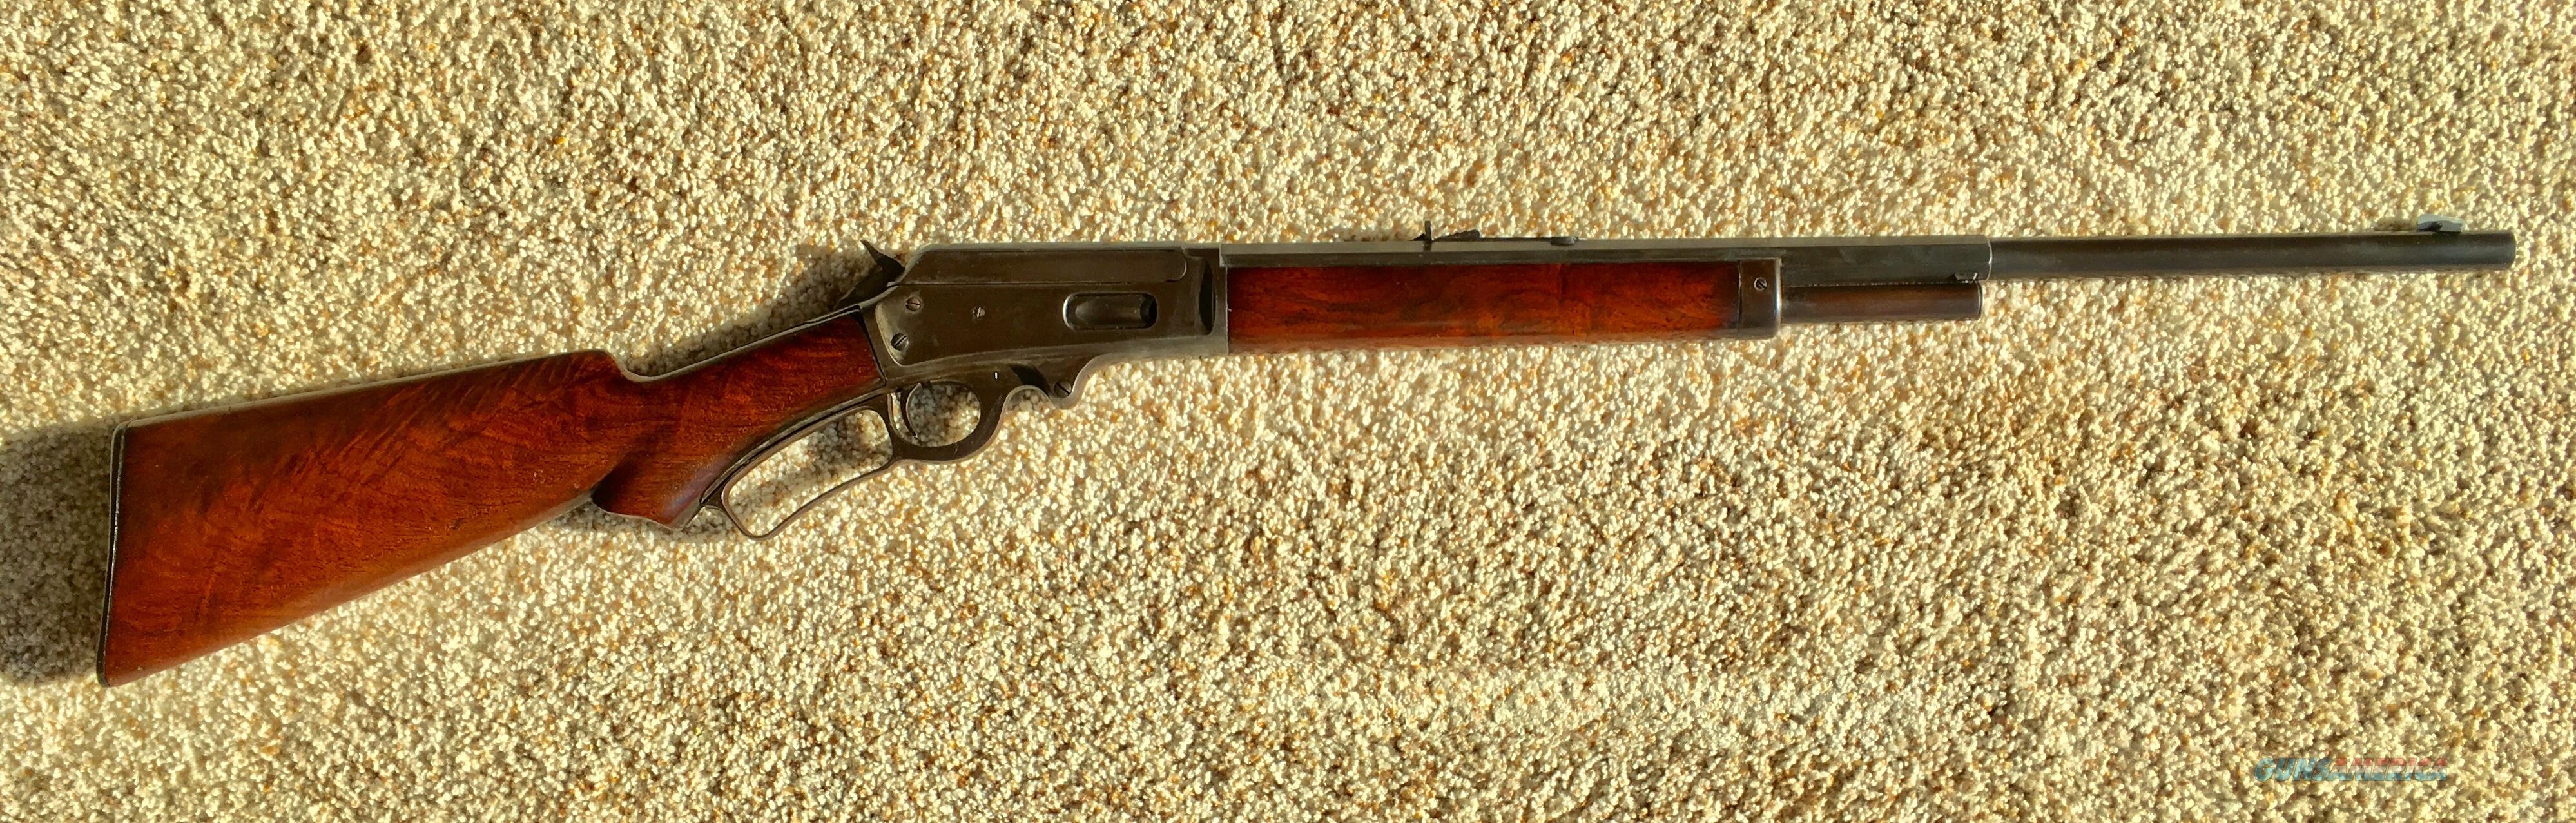 Marlin 1893 30-30 Lightweight  Guns > Rifles > Marlin Rifles > Modern > Lever Action